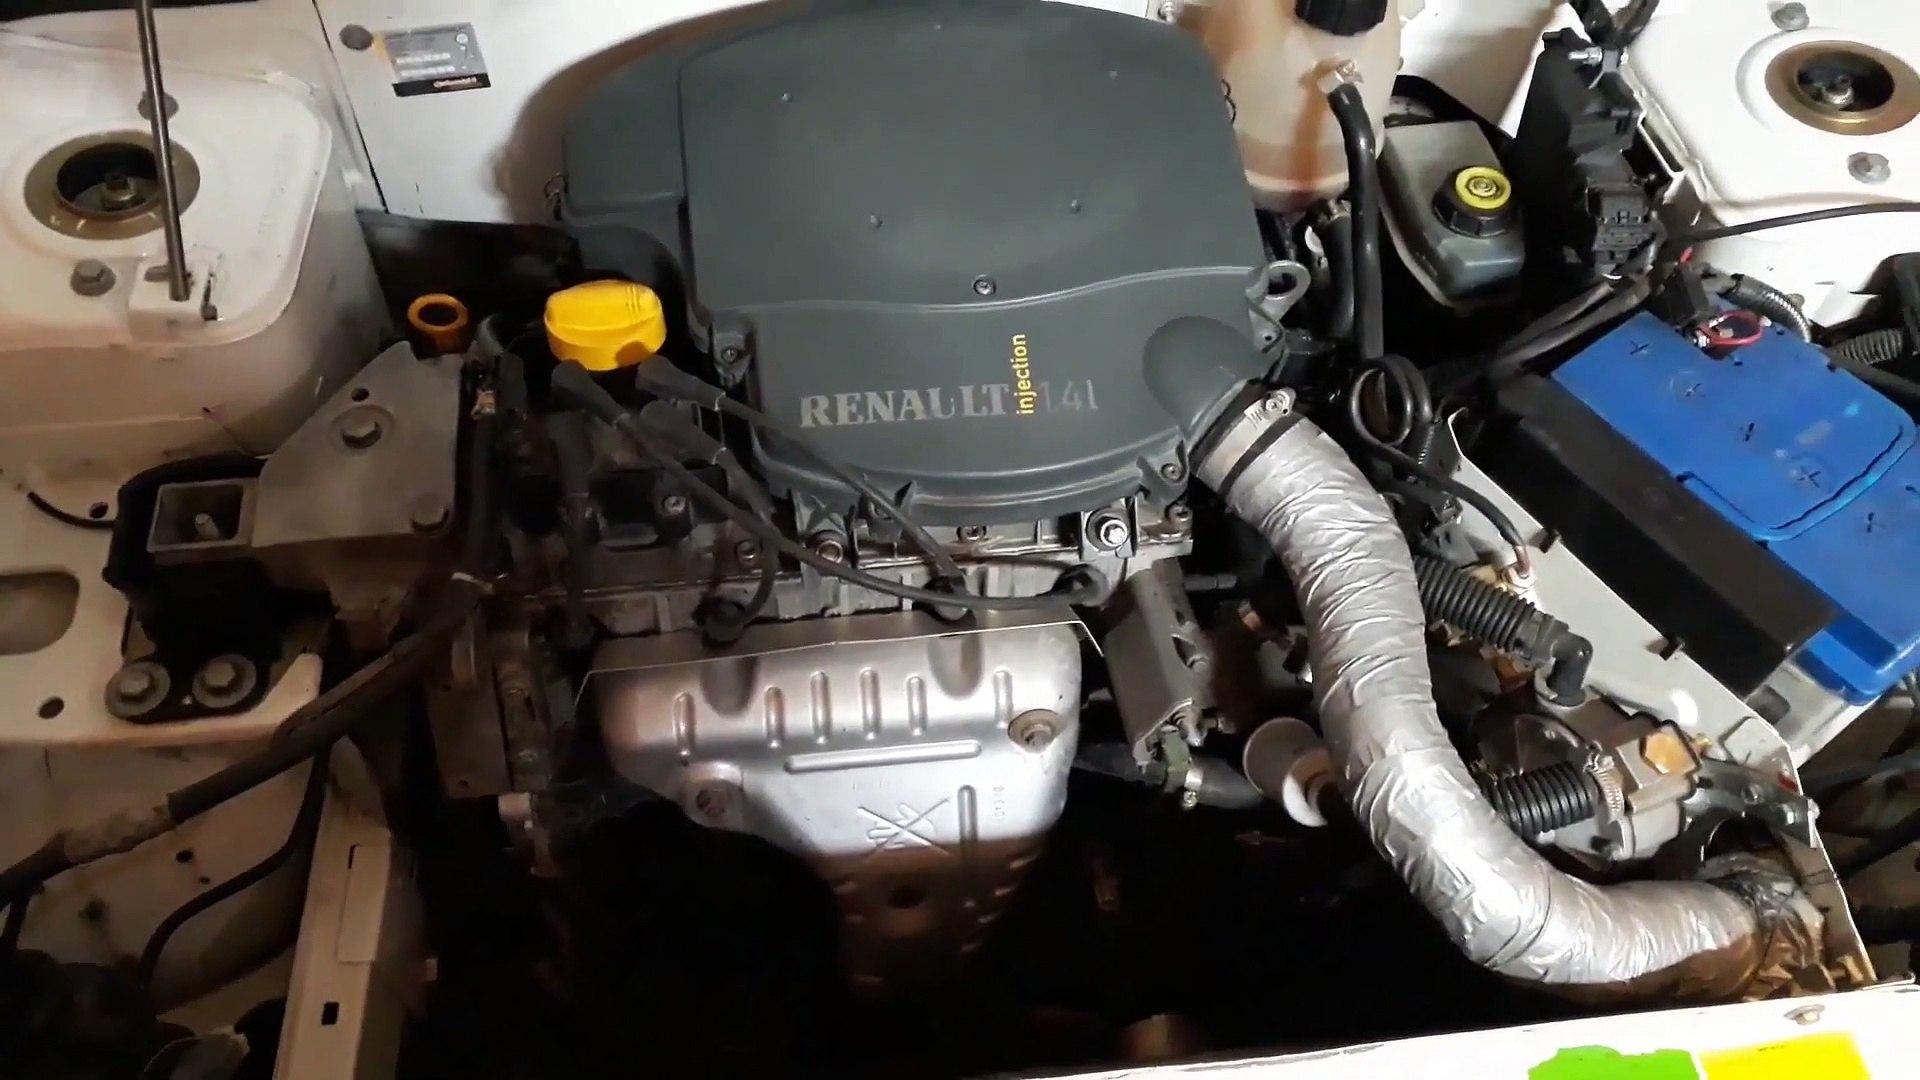 ظهور صوت طقطقة عند بداية تشغيل محرك السيارة و يختفى